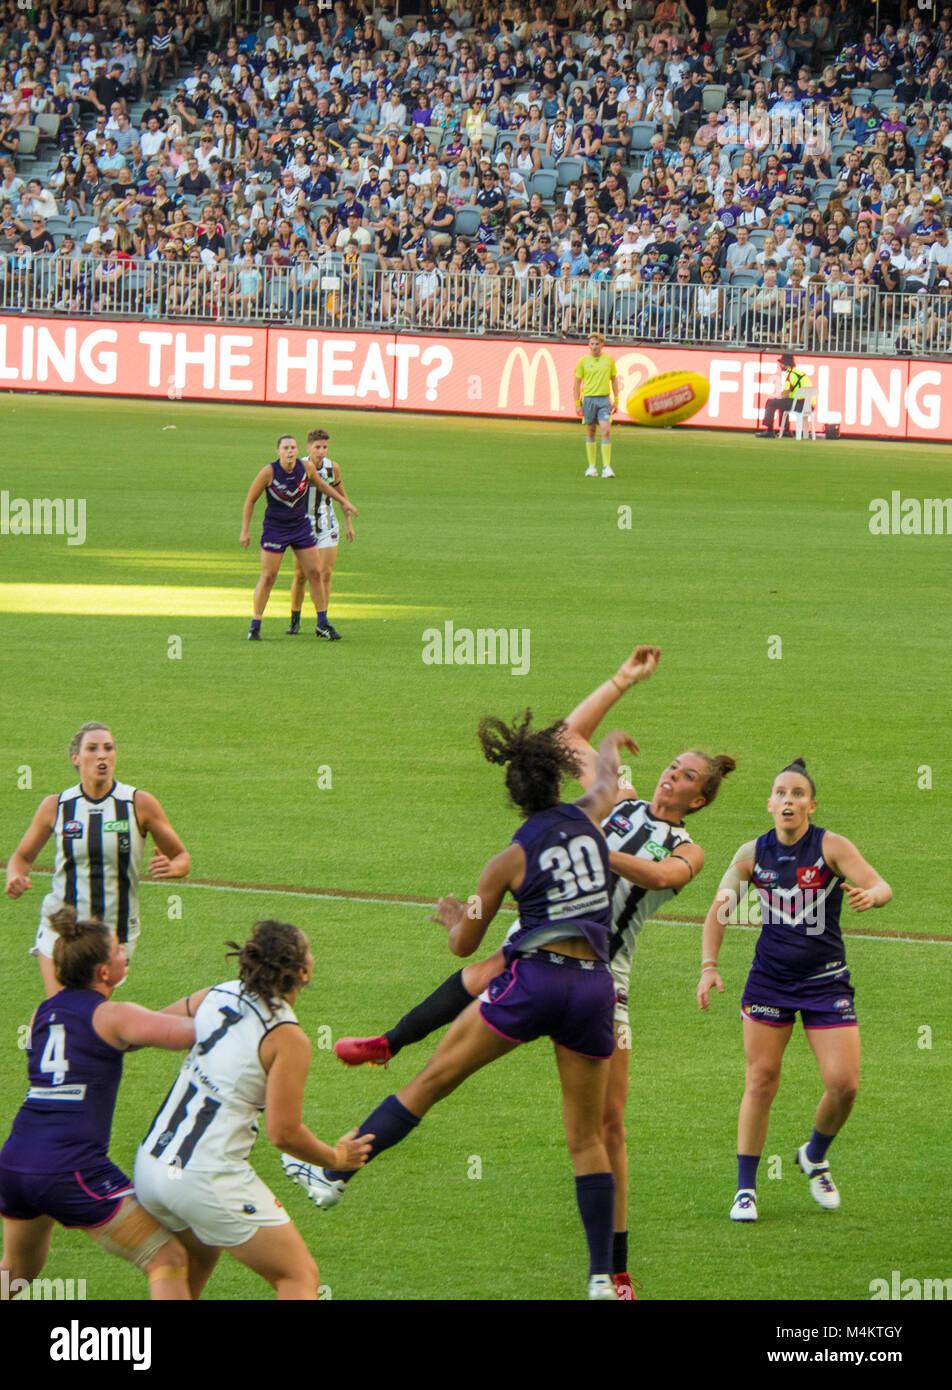 afl-fremantle-football-club-womens-team-playing-against-collingwood-M4KTGY.jpg